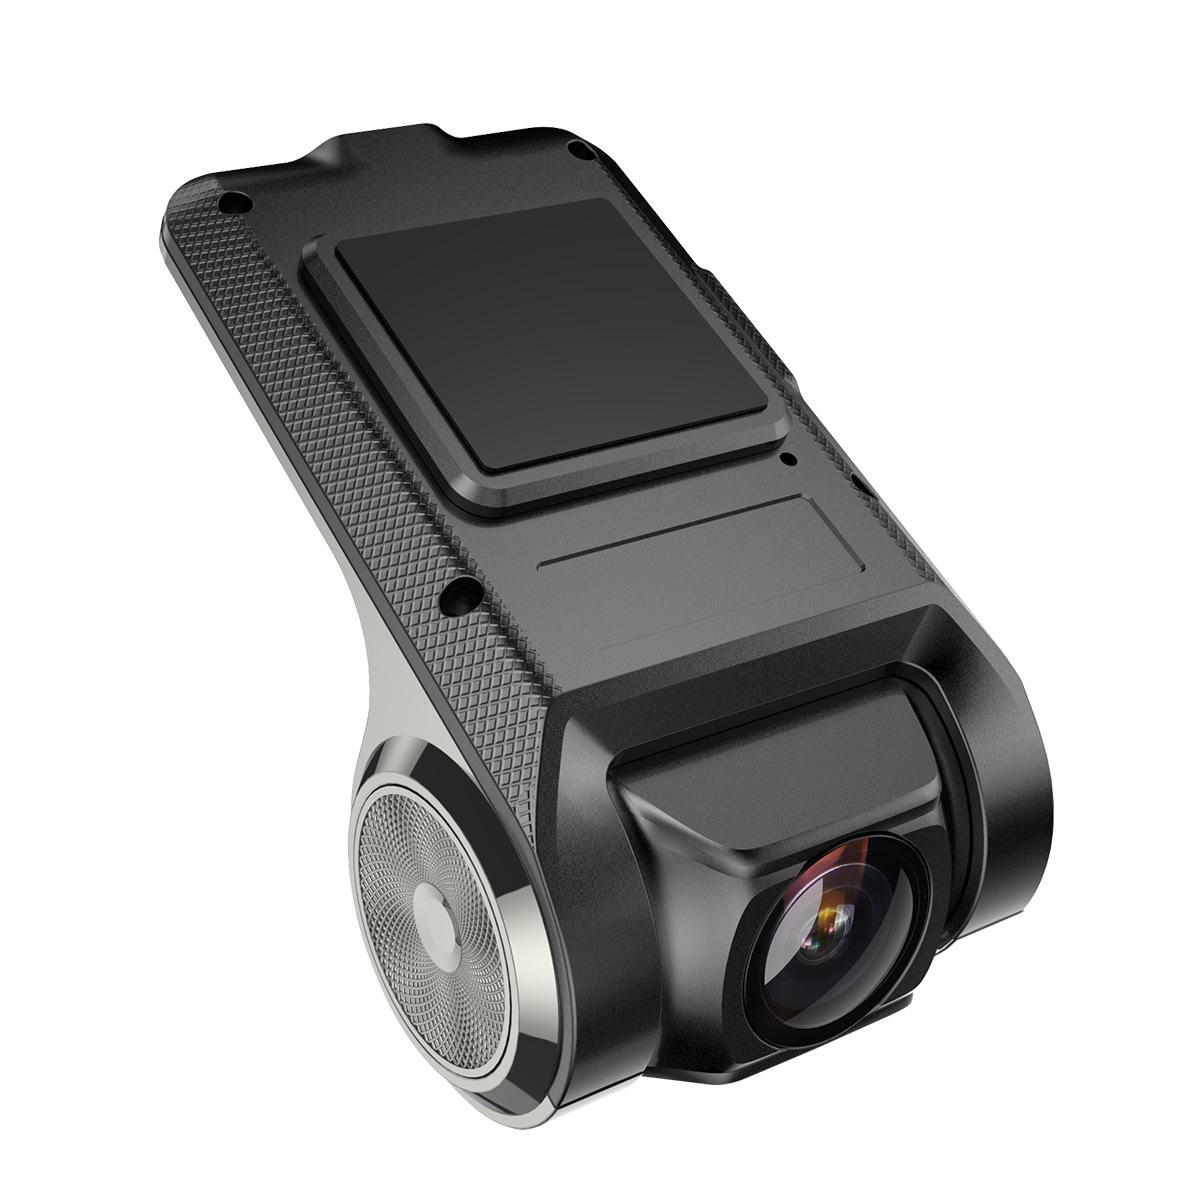 Chó rôbôt Anytek X28 chó điện tử cảnh báo sớm siêu sáng tầm nhìn ban đêm USB xe máy ẩn máy ghi âm lá